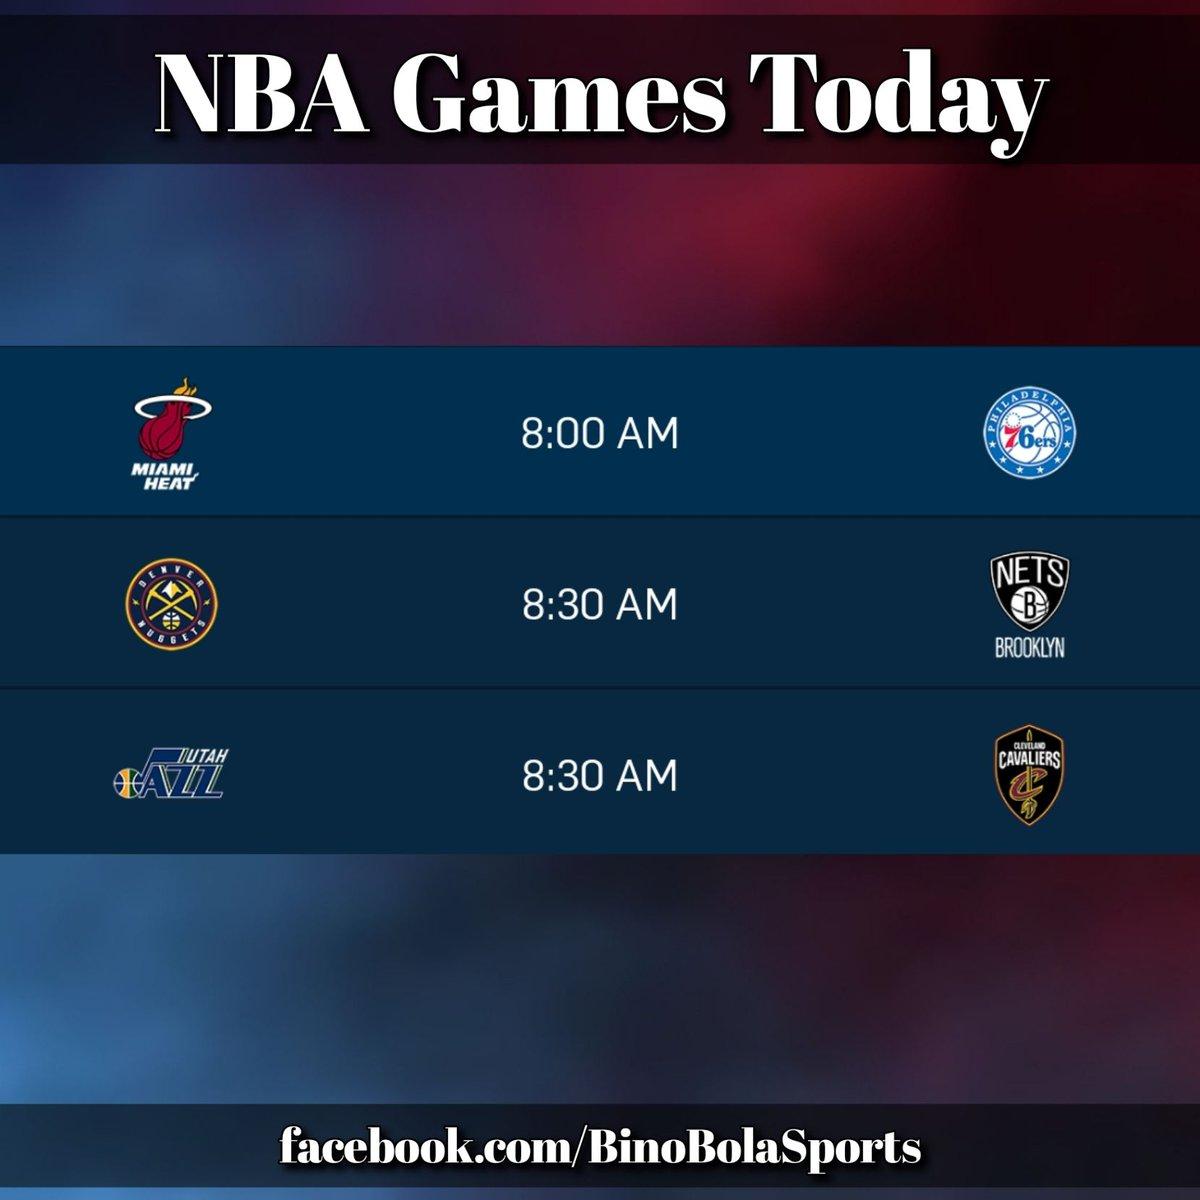 NBA games today! #RegularSeason #Day21 #BinoBolaSports #GamesSchedules (1/2)